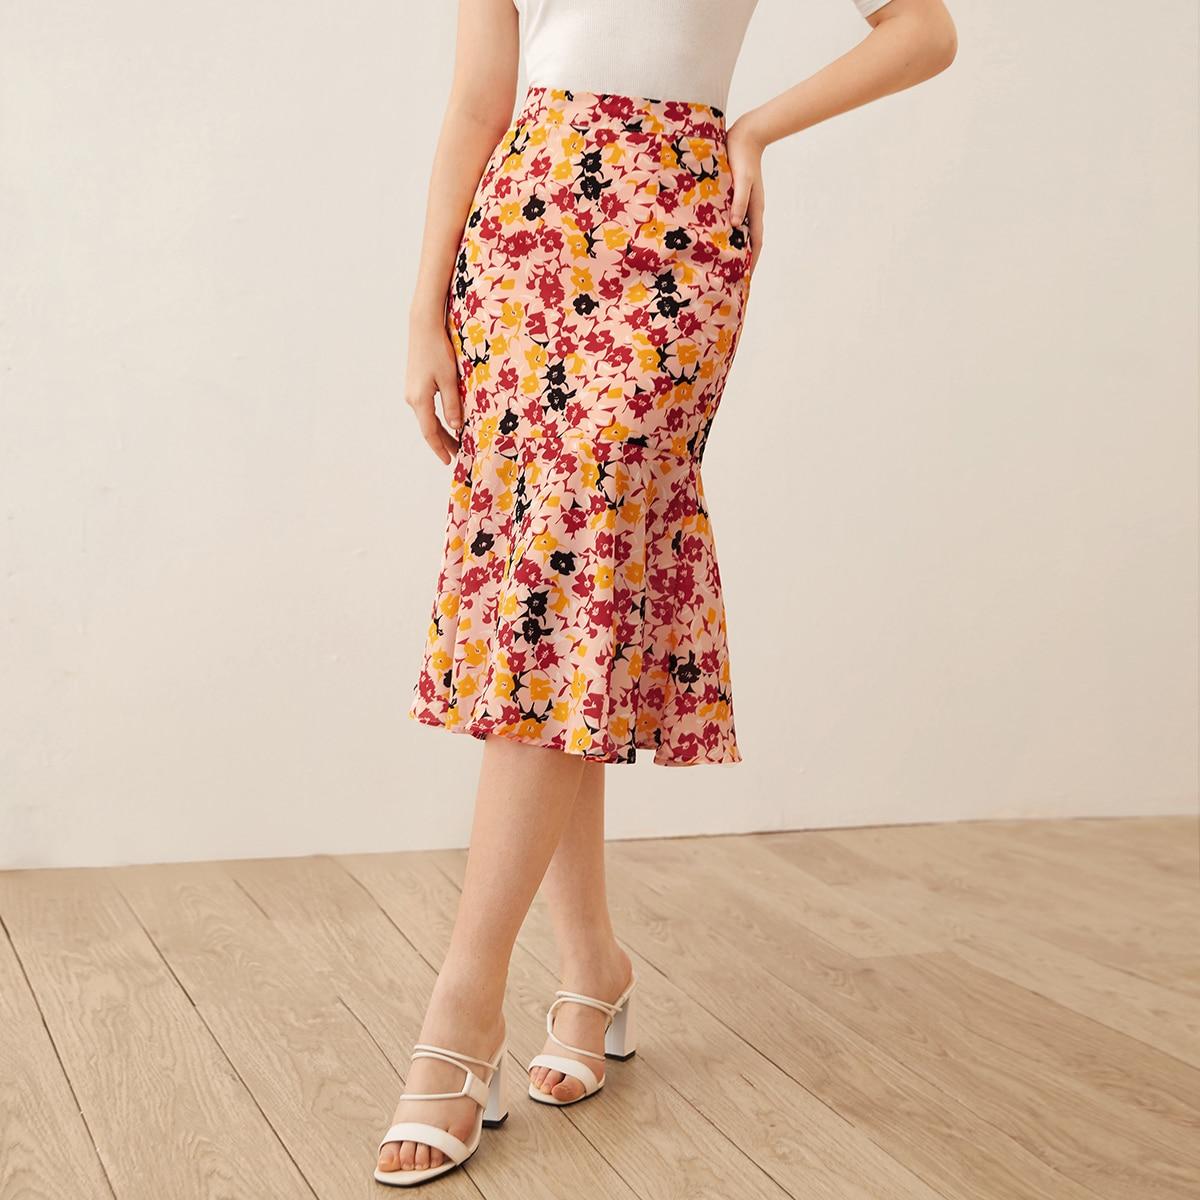 SHEIN / Falda midi bajo de cola de pez con estampado floral